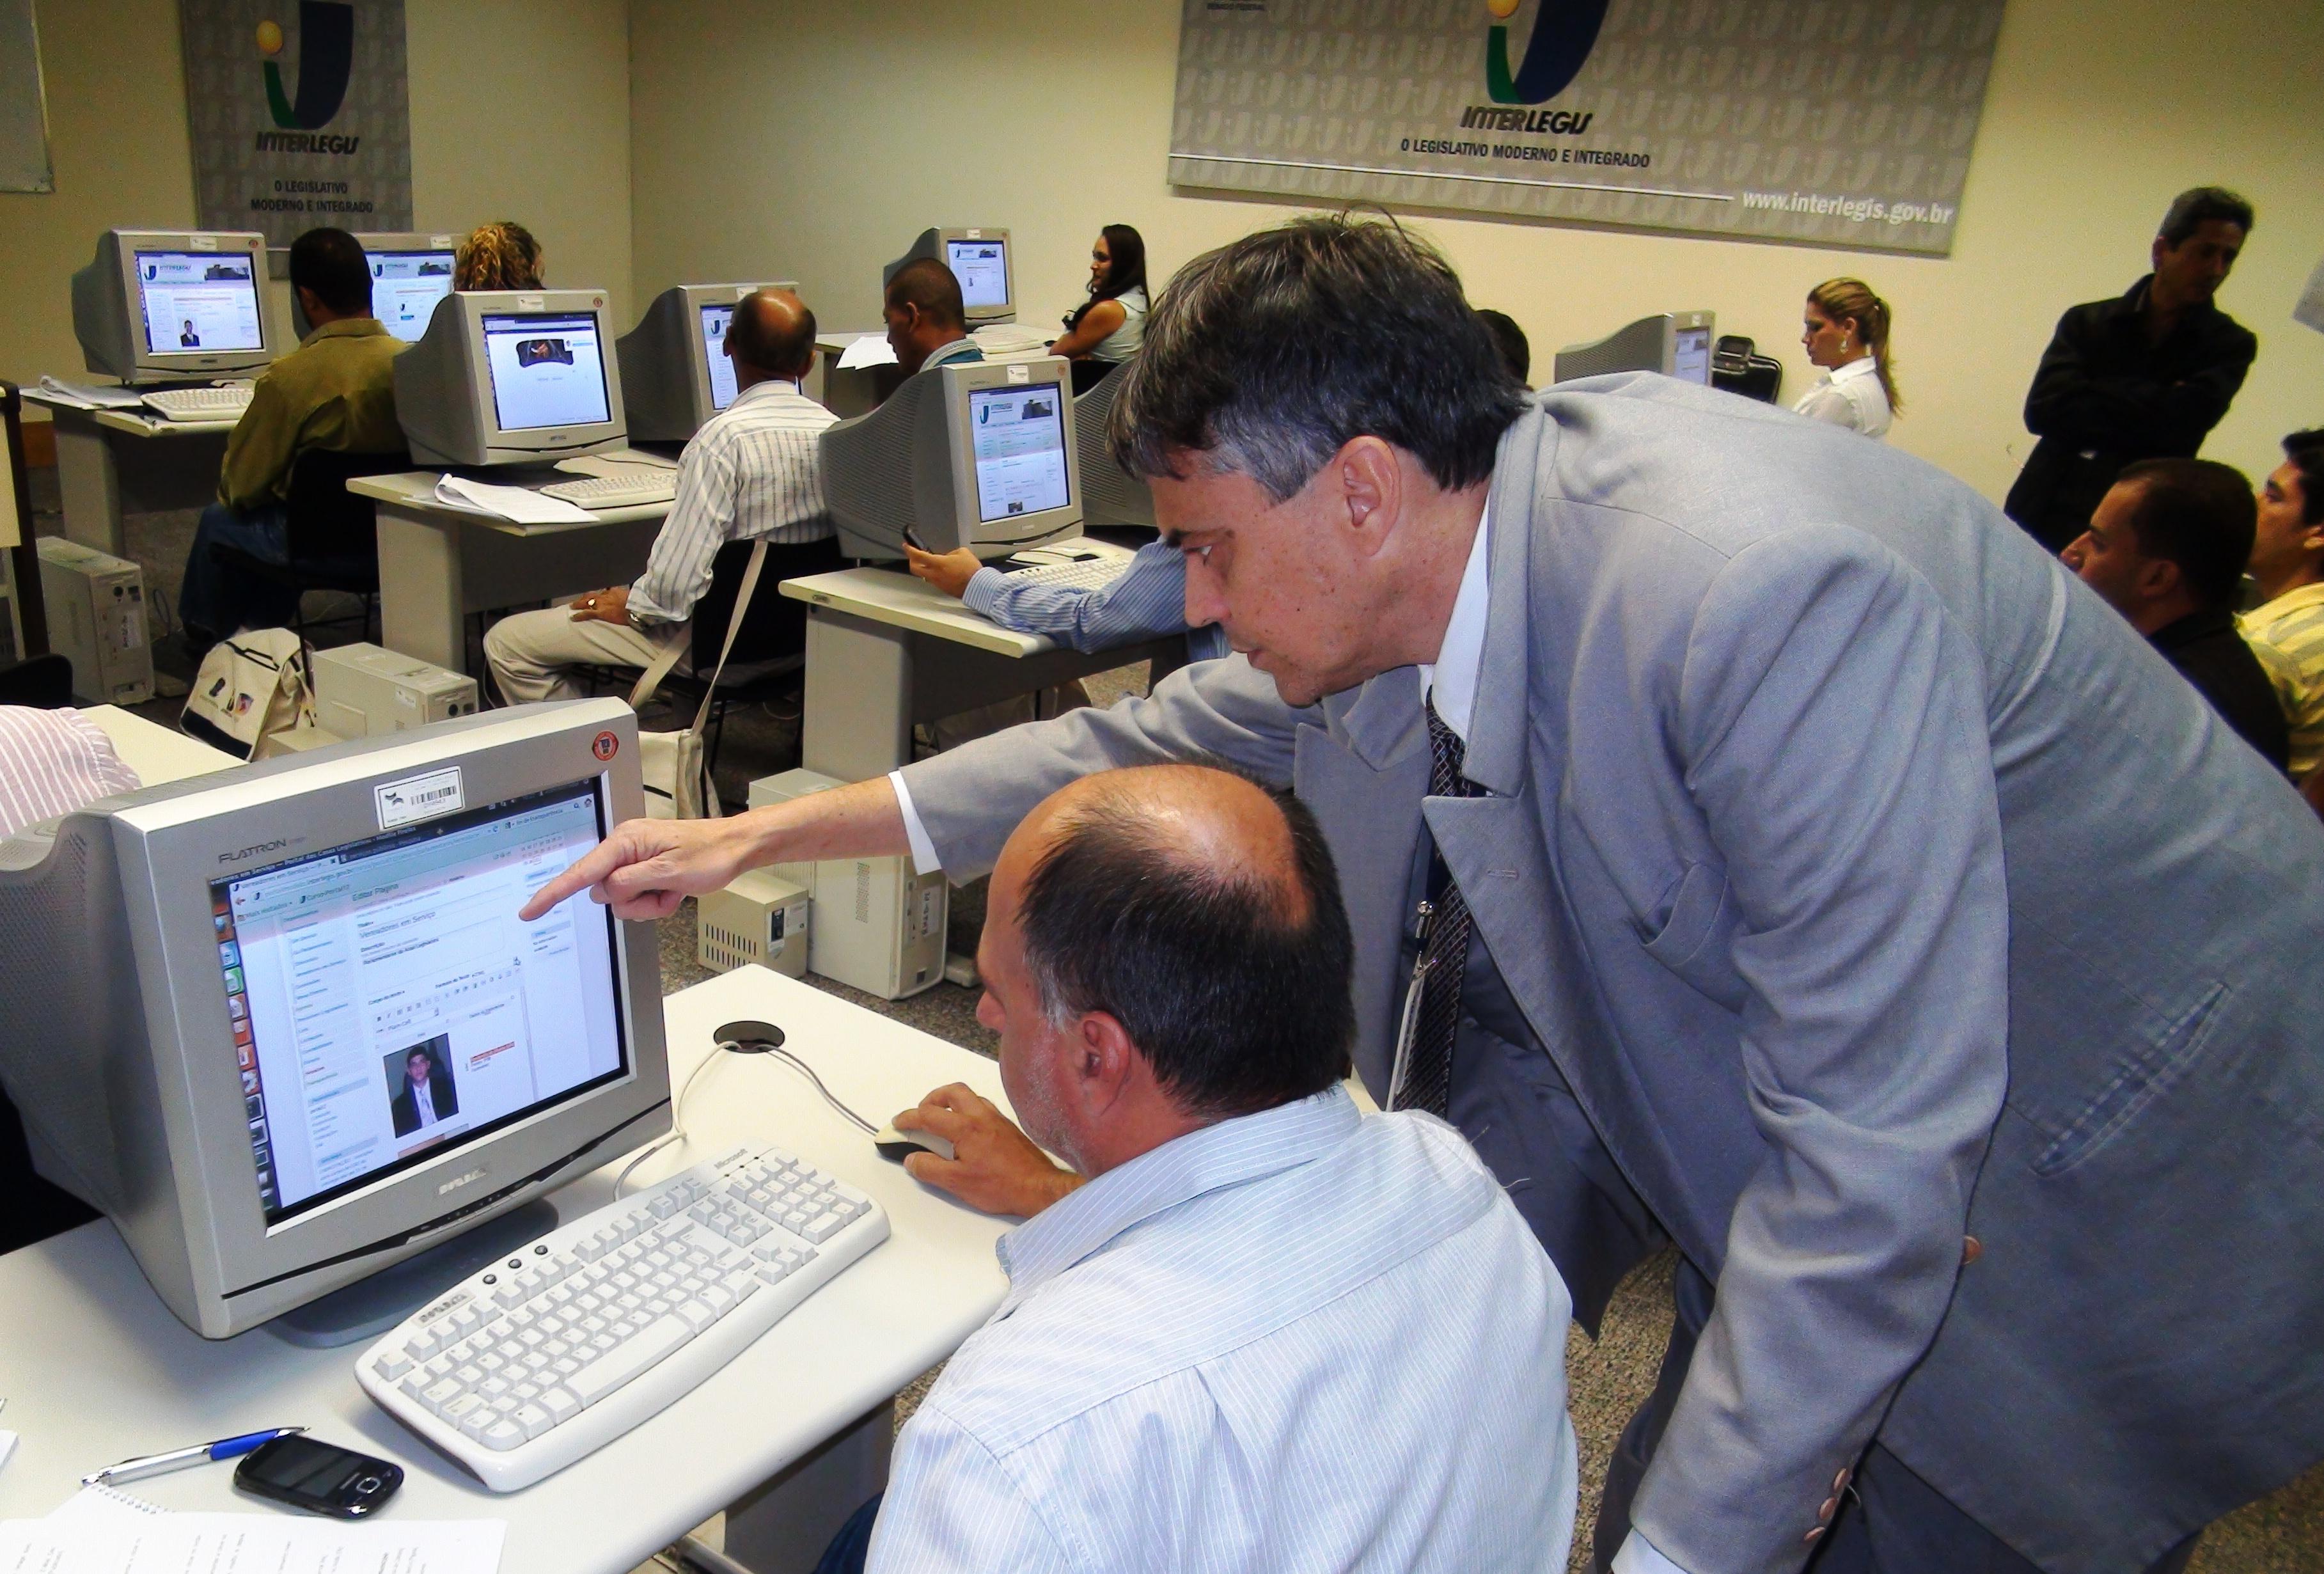 CAPACITAÇÃO - Servidores de 9 câmaras participam de oficina de Portal Modelo na sede do Interlegis, em Brasília